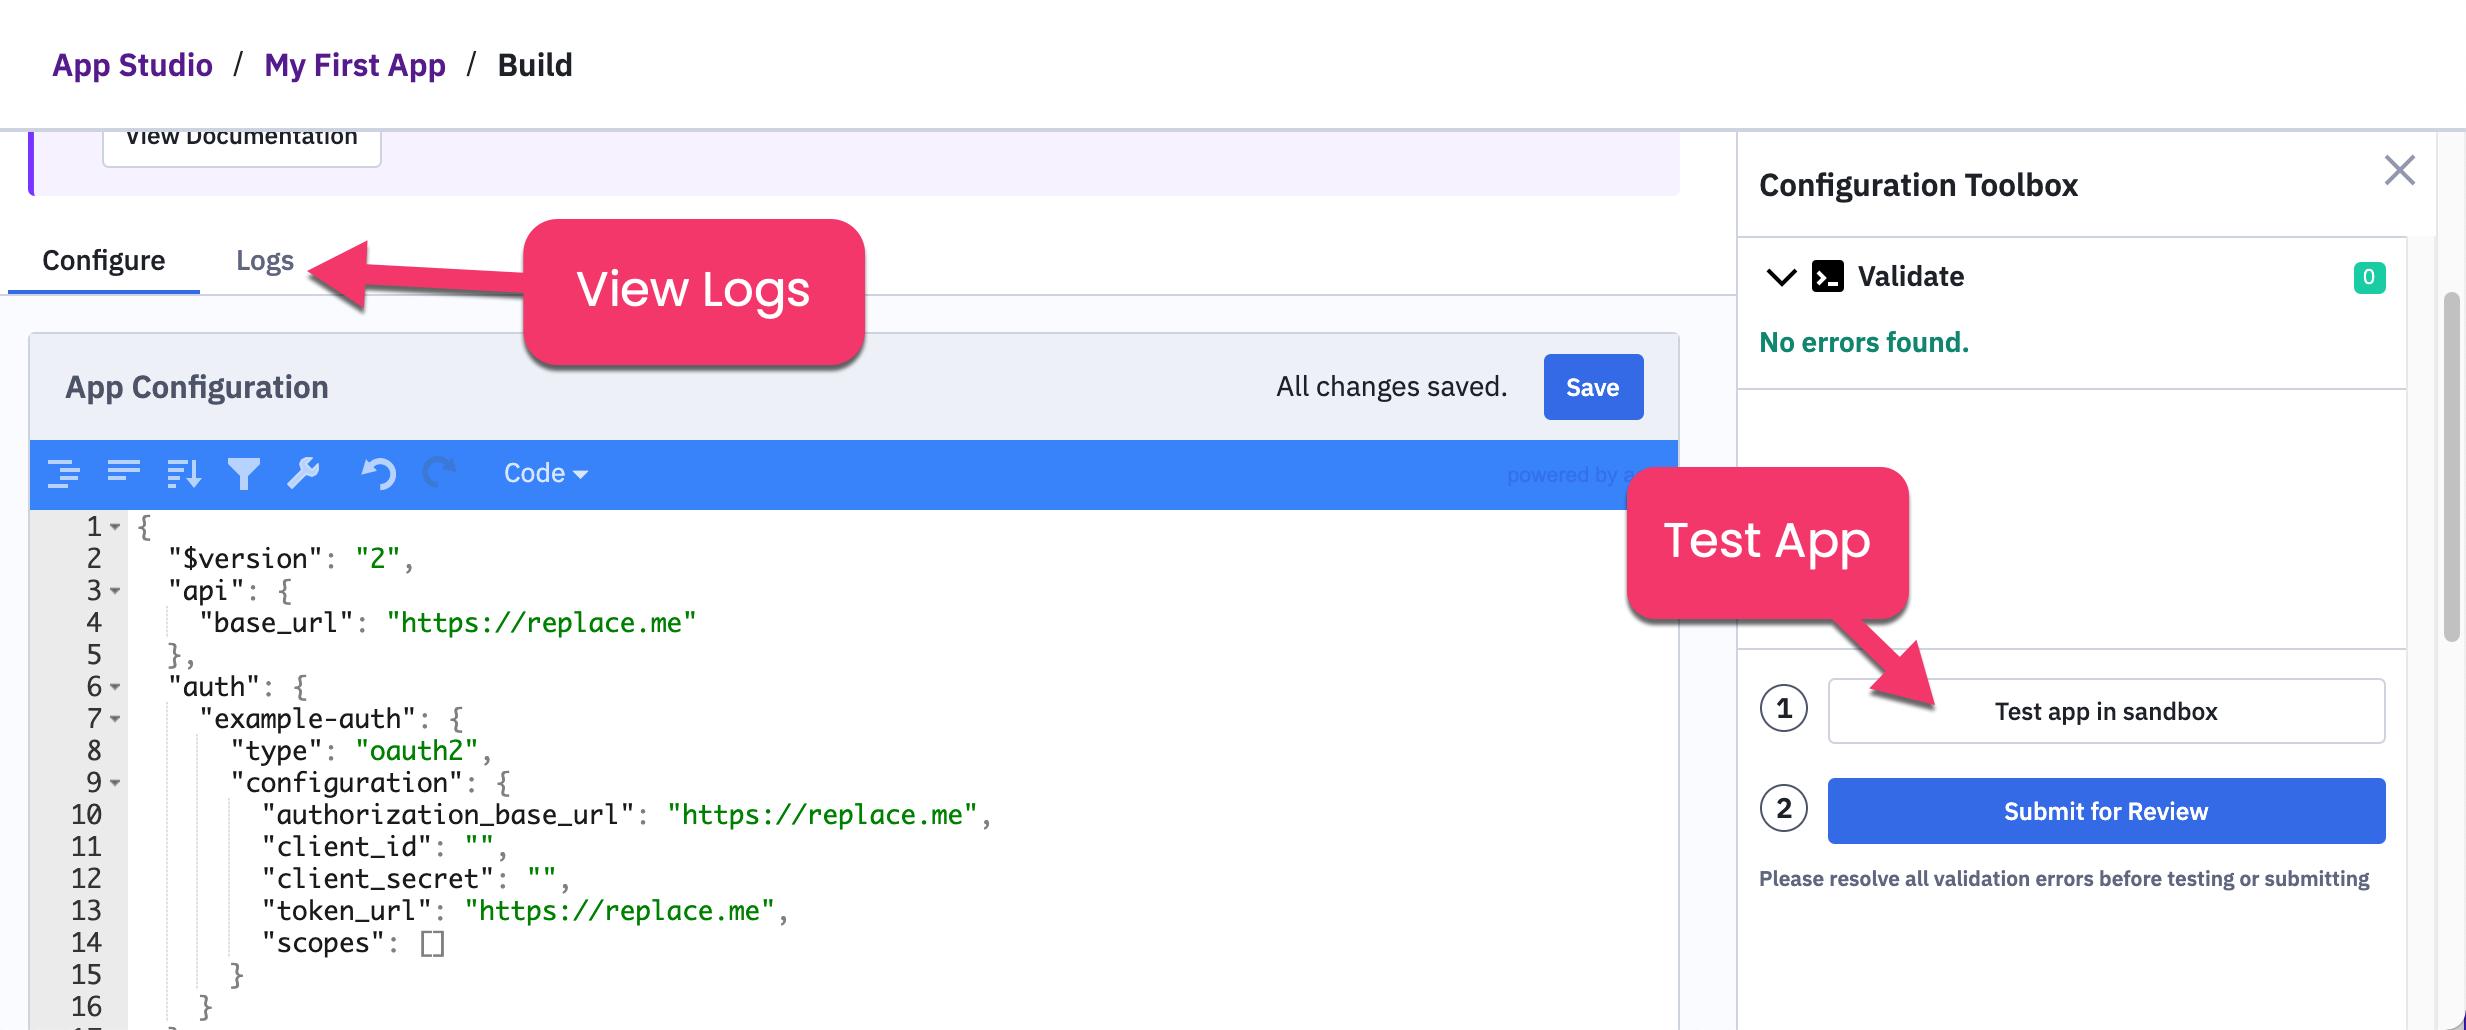 Test App in sandbox